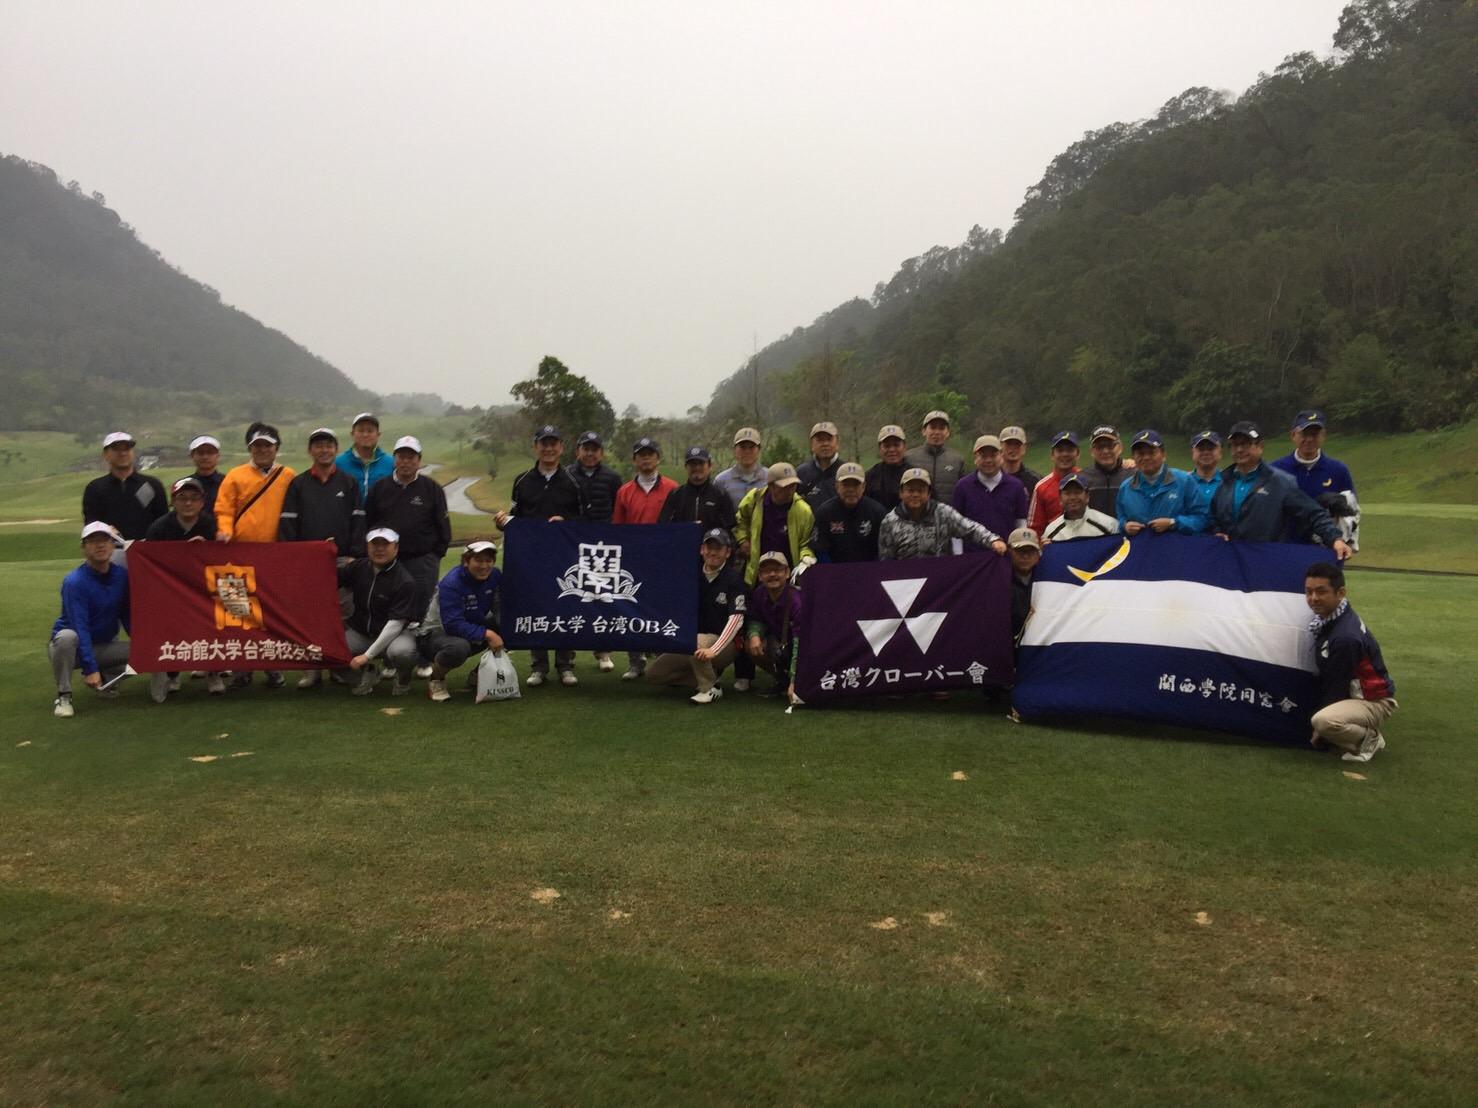 台湾支部 関関同立ゴルフ対抗戦